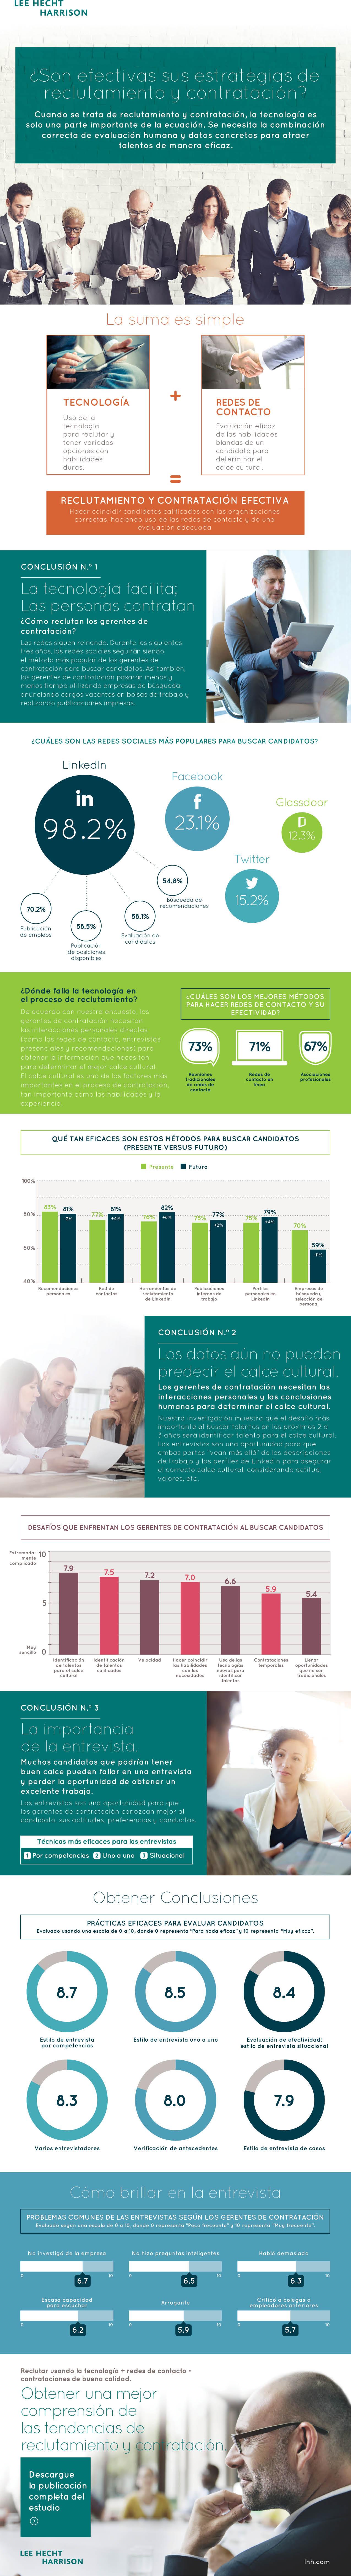 infographic-tendencias-de-reclutamiento-y-seleccion